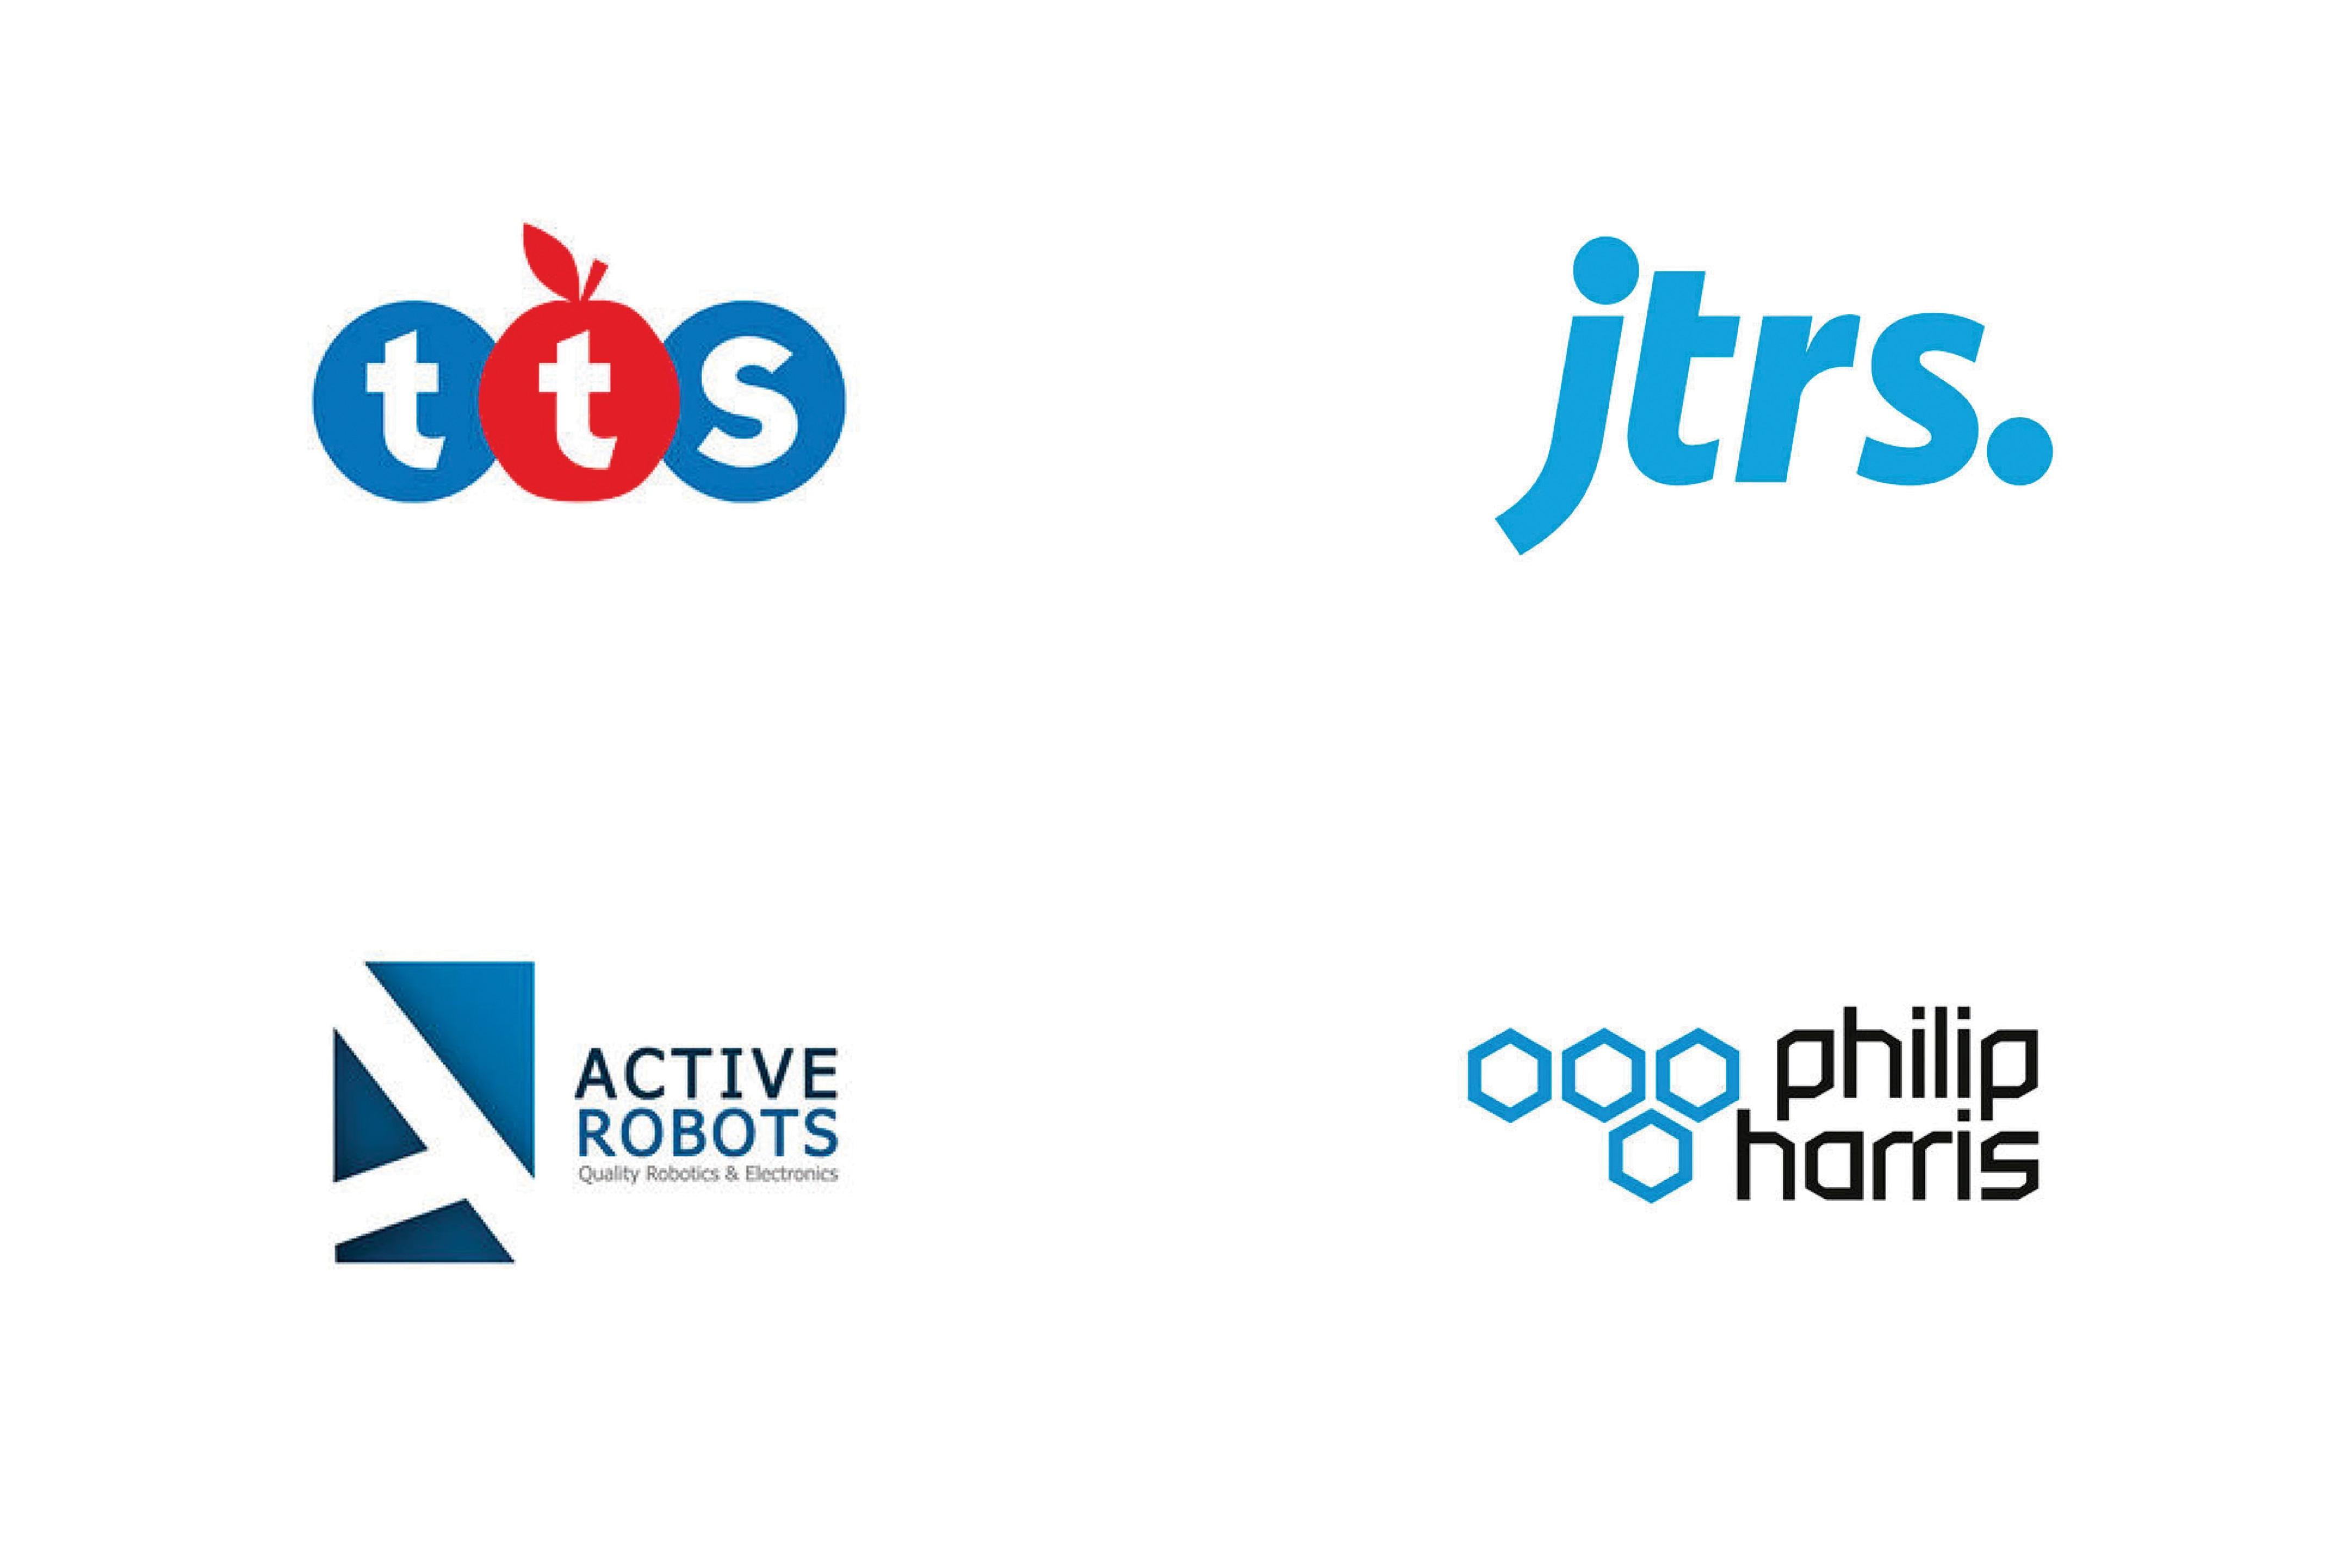 Secondary partner logos